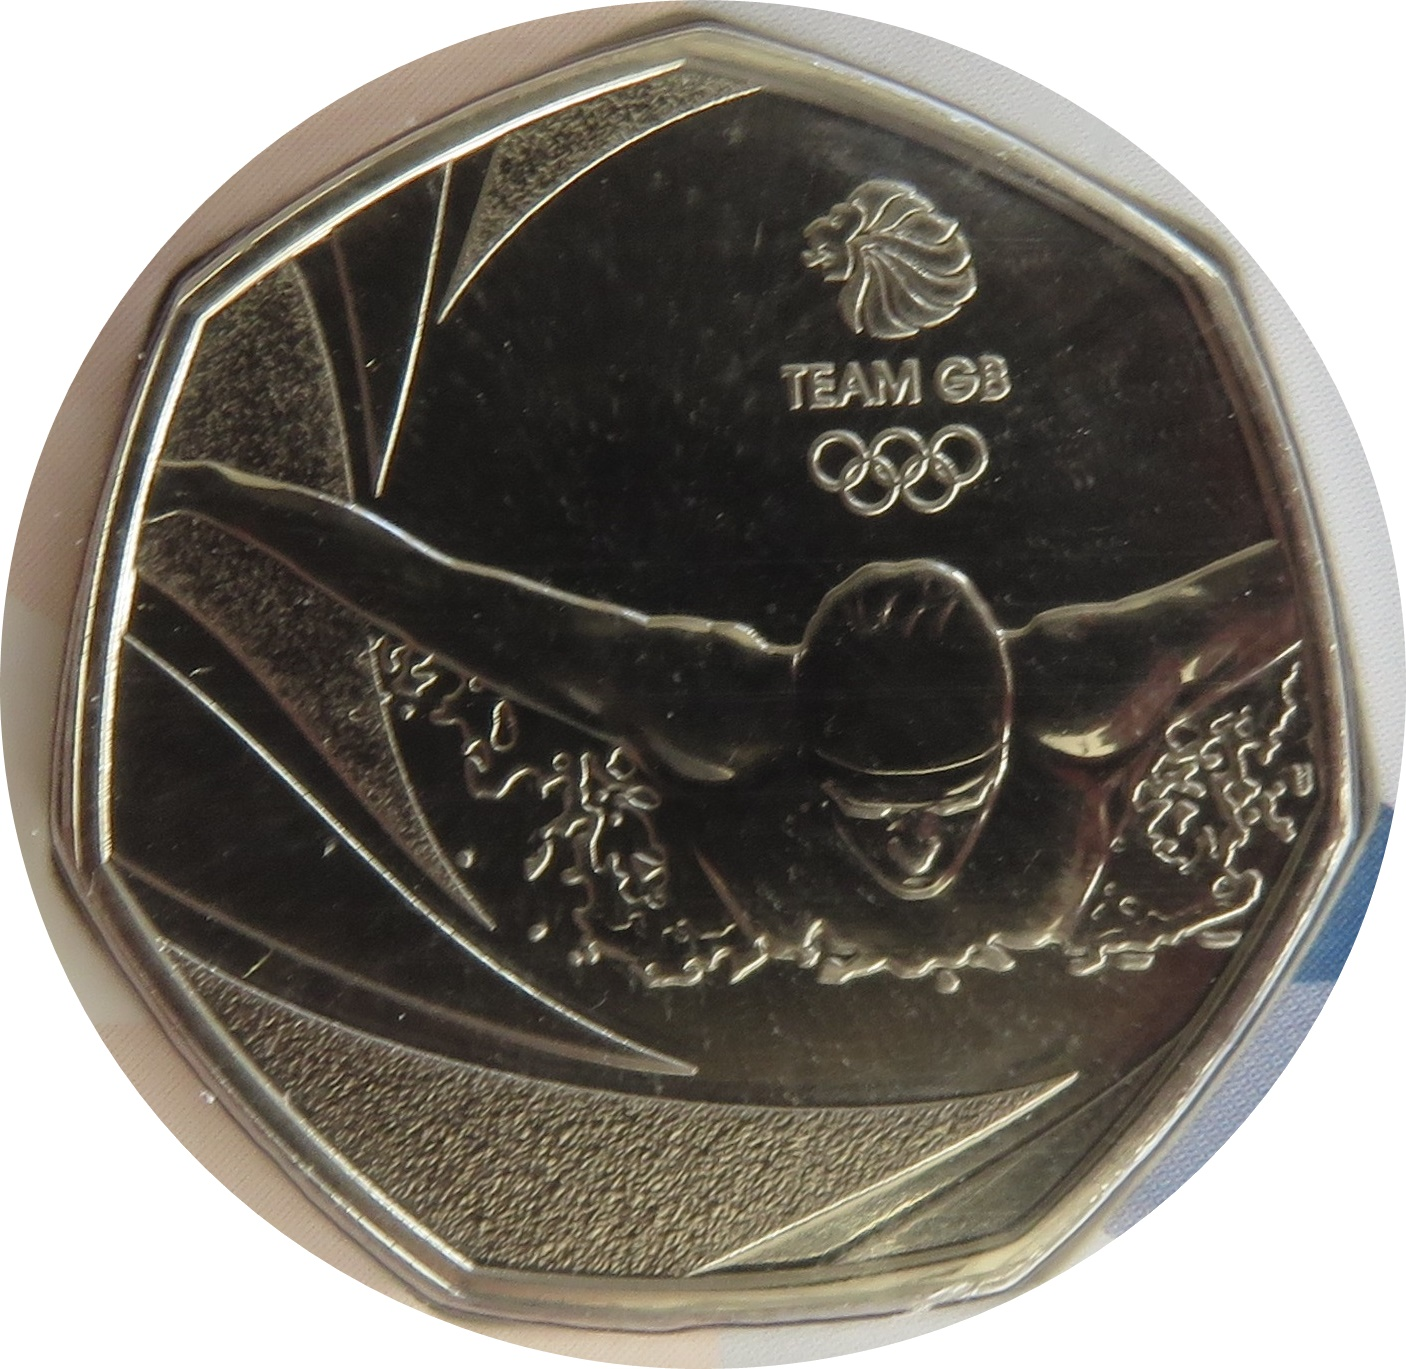 2016 OLIMPIC GB TEAM - 50p Coin - GB Rare Coin Hunt